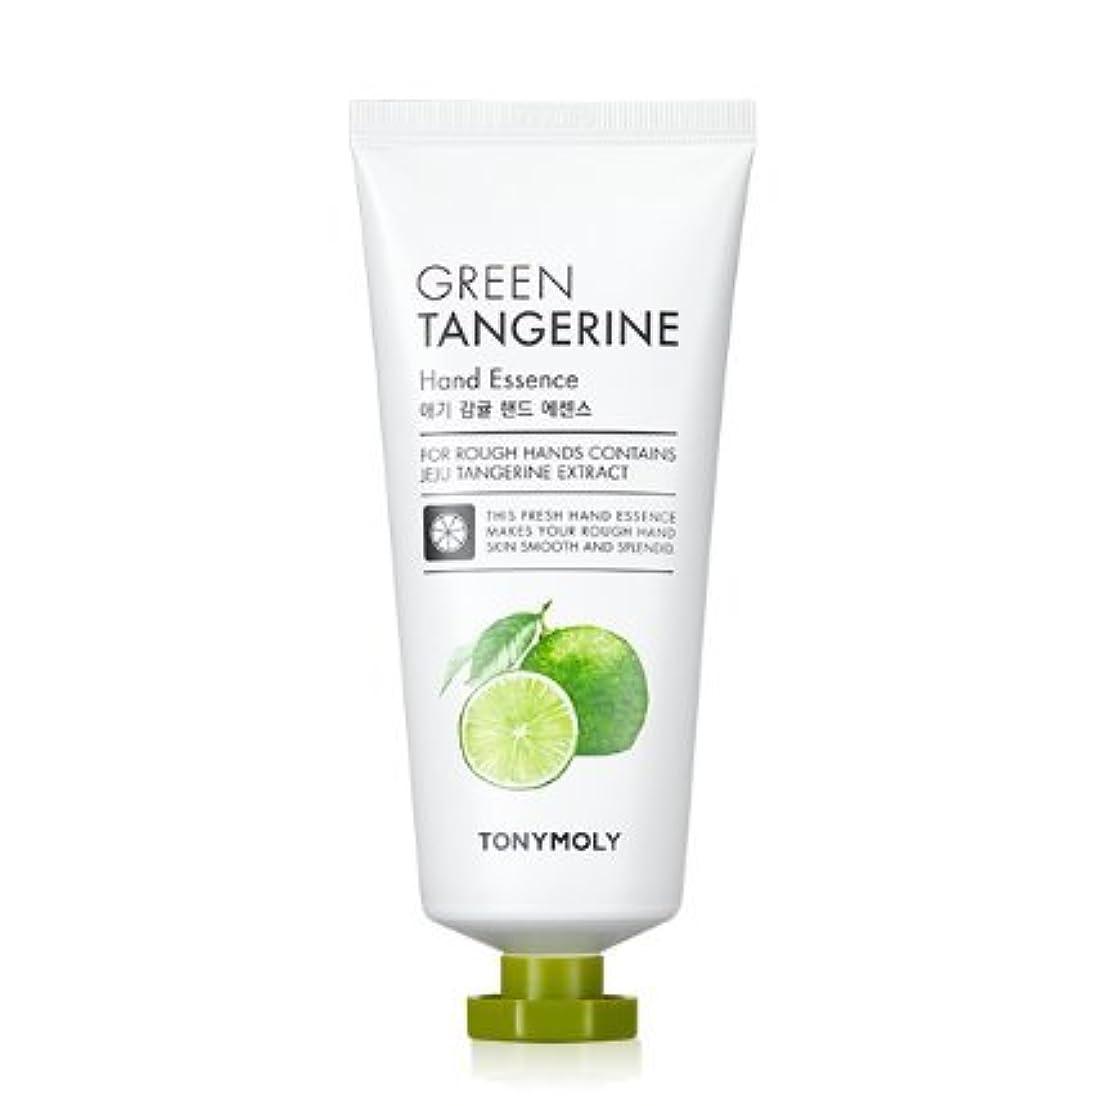 肉読者急襲[Renewal] TONYMOLY Green Tangerine Hand Essence/トニーモリー 青みかん ハンド エッセンス 80g [並行輸入品]